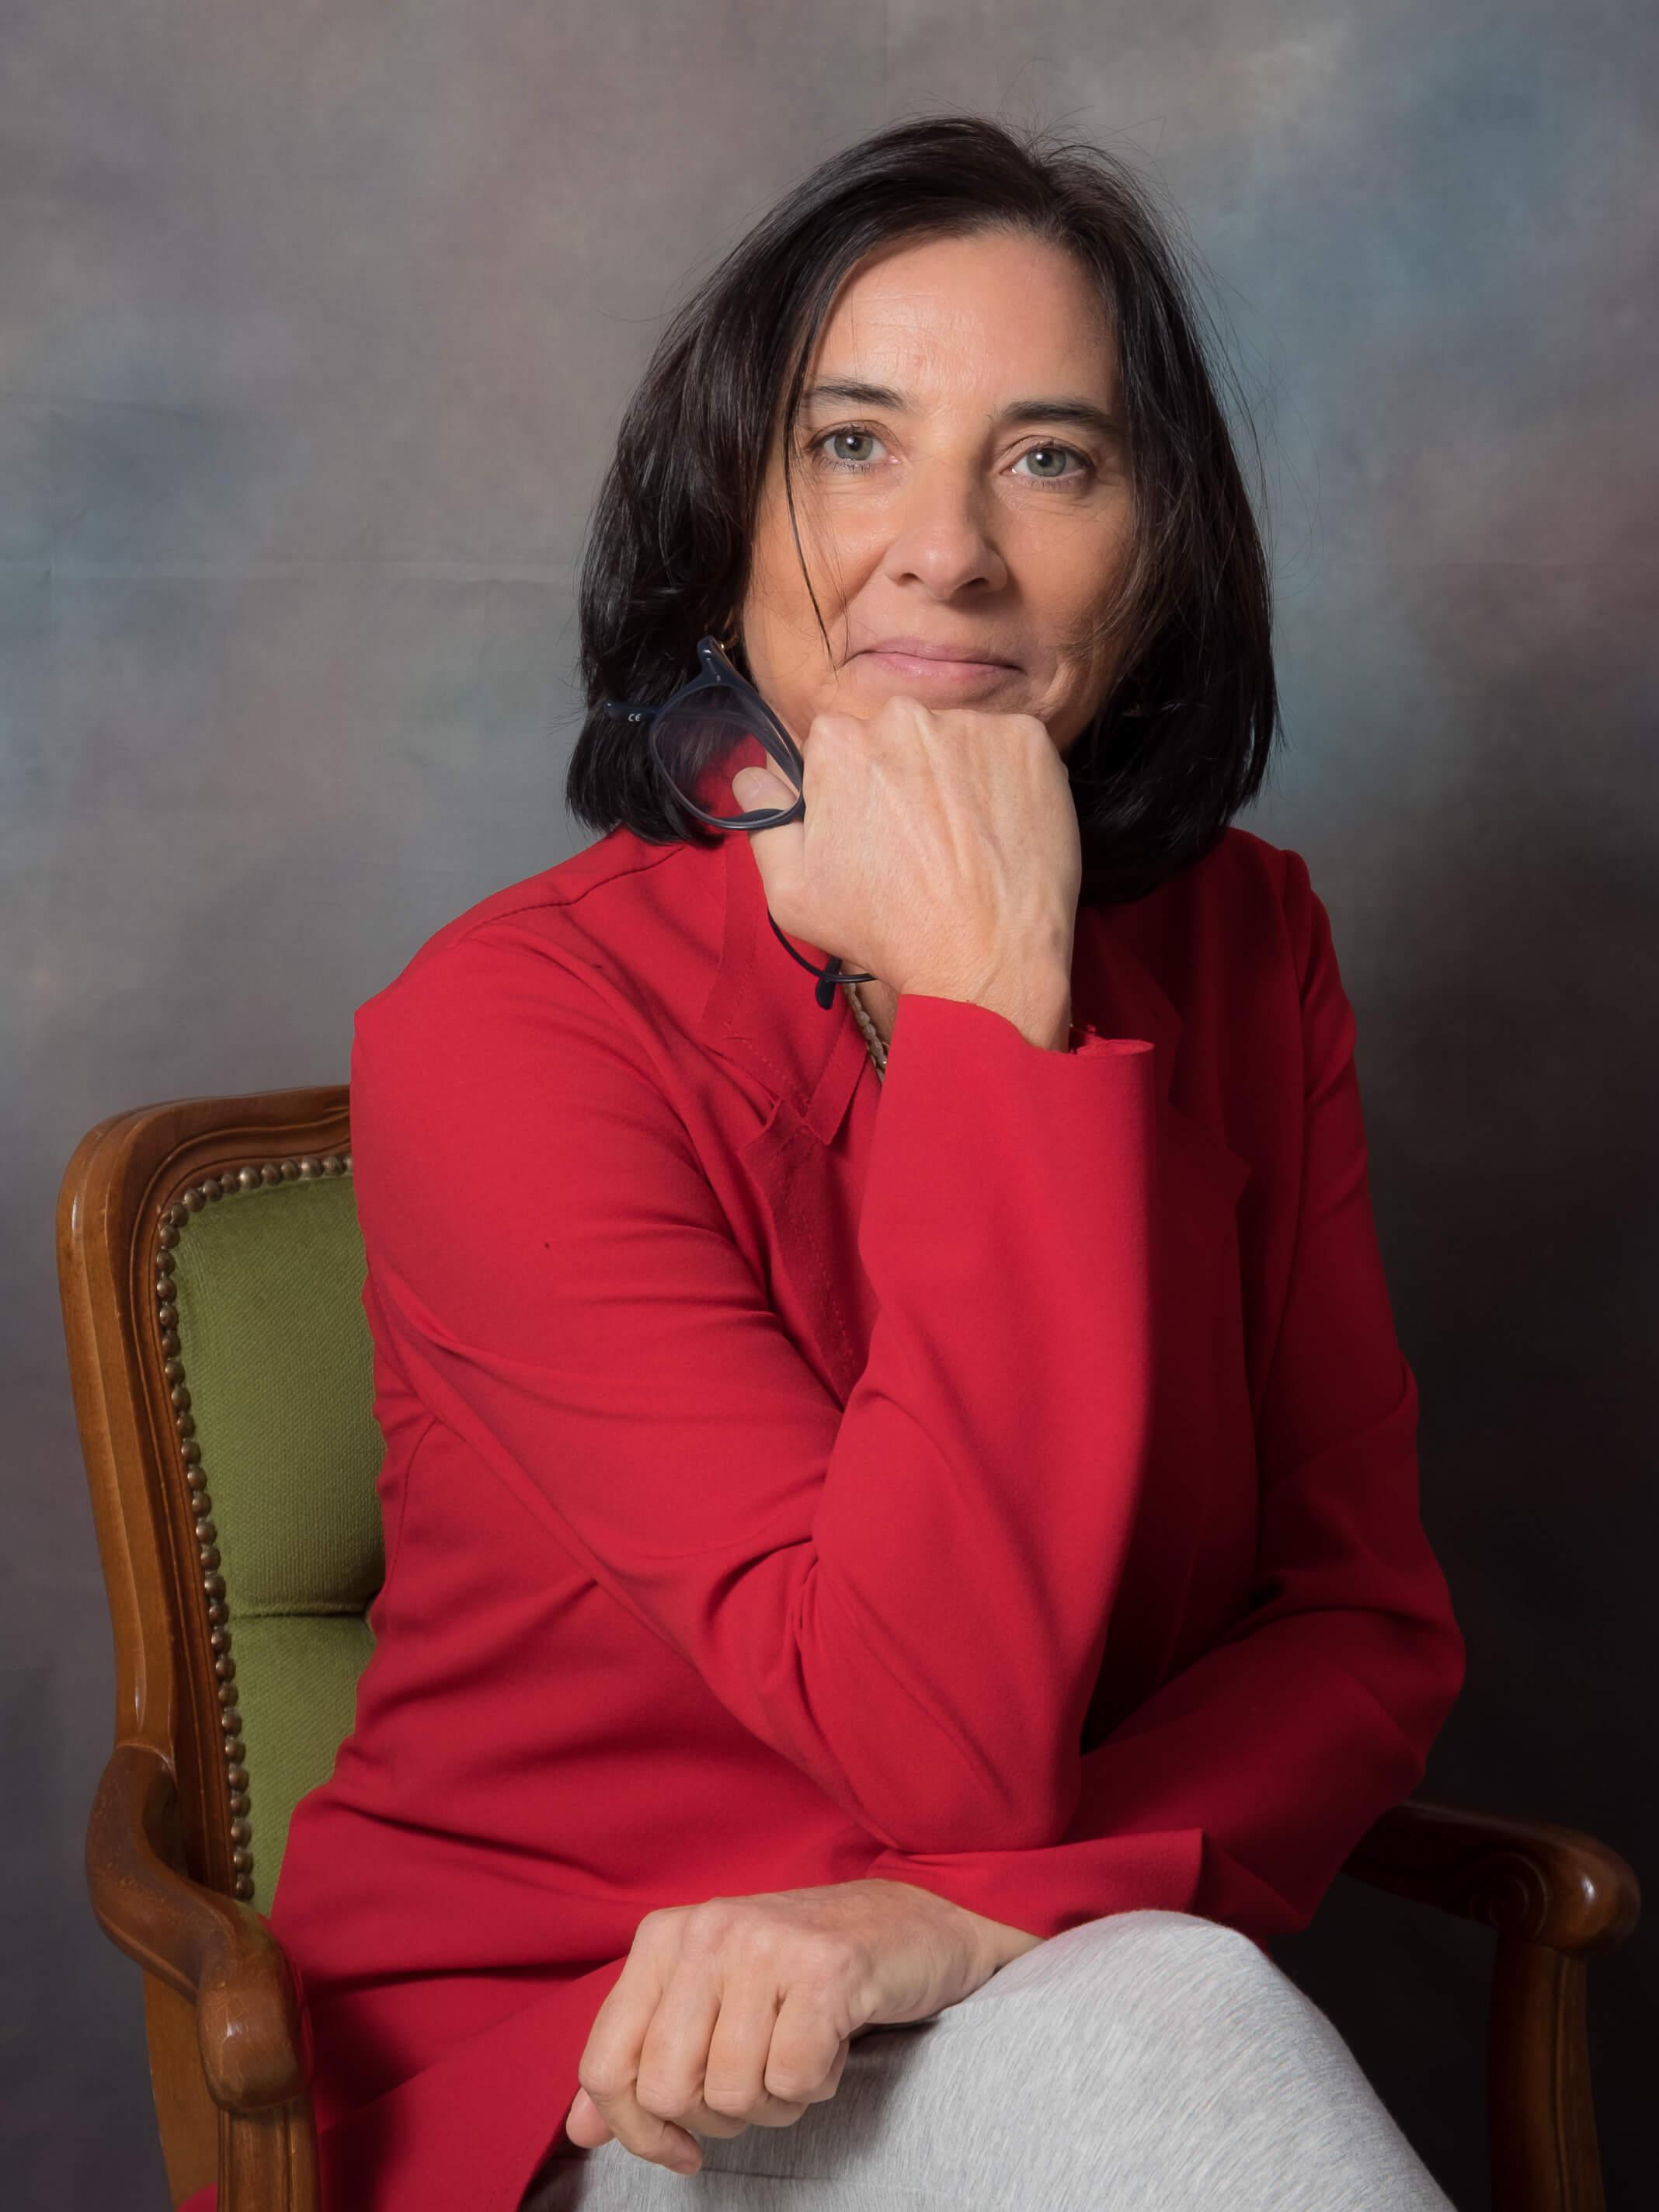 Dottoressa Cristina Roccia, Psicologa e psicoterapeuta